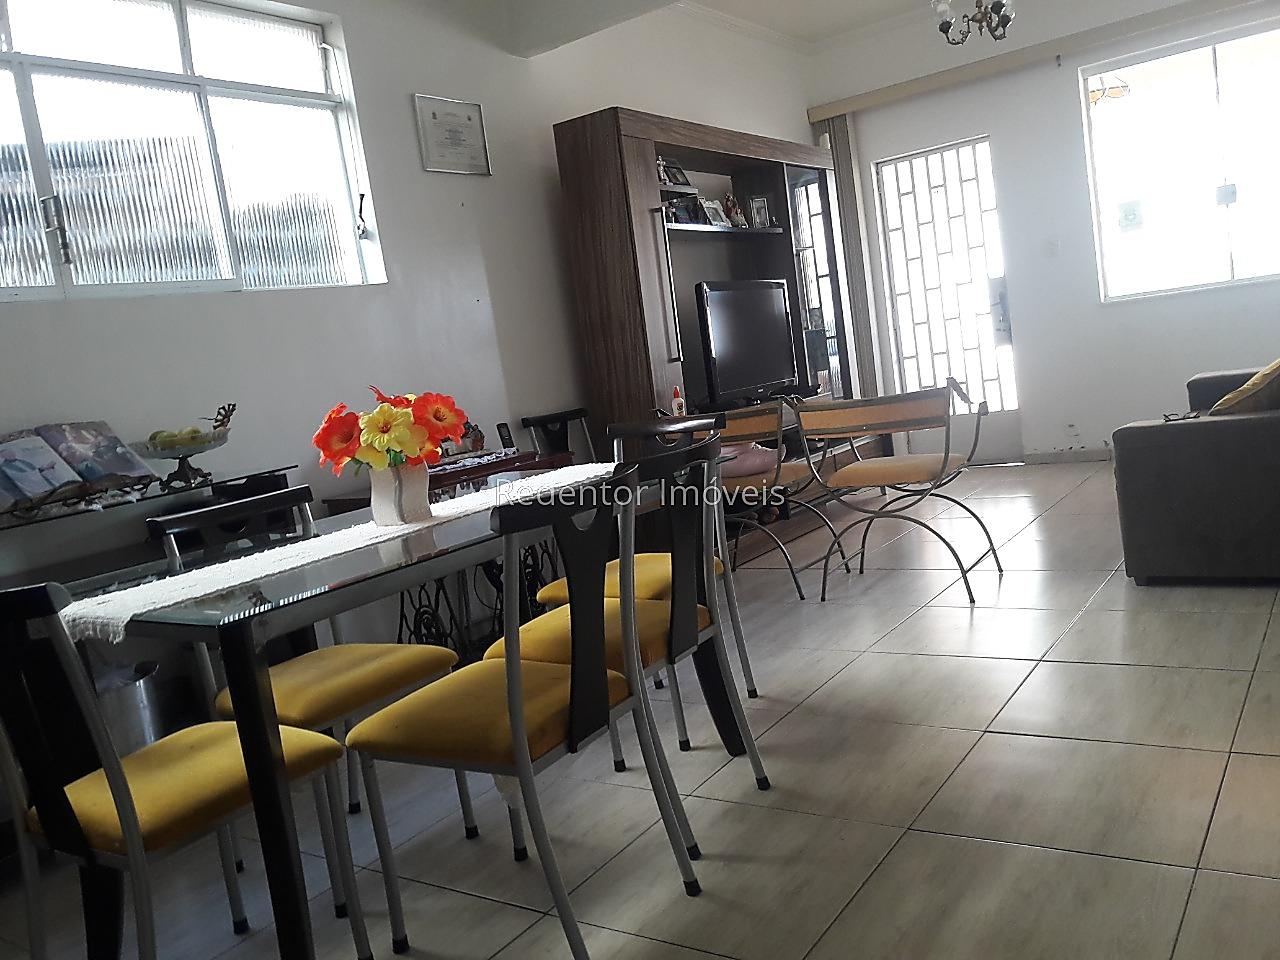 Casa à venda em Santa Teresa, Juiz de Fora - MG - Foto 5